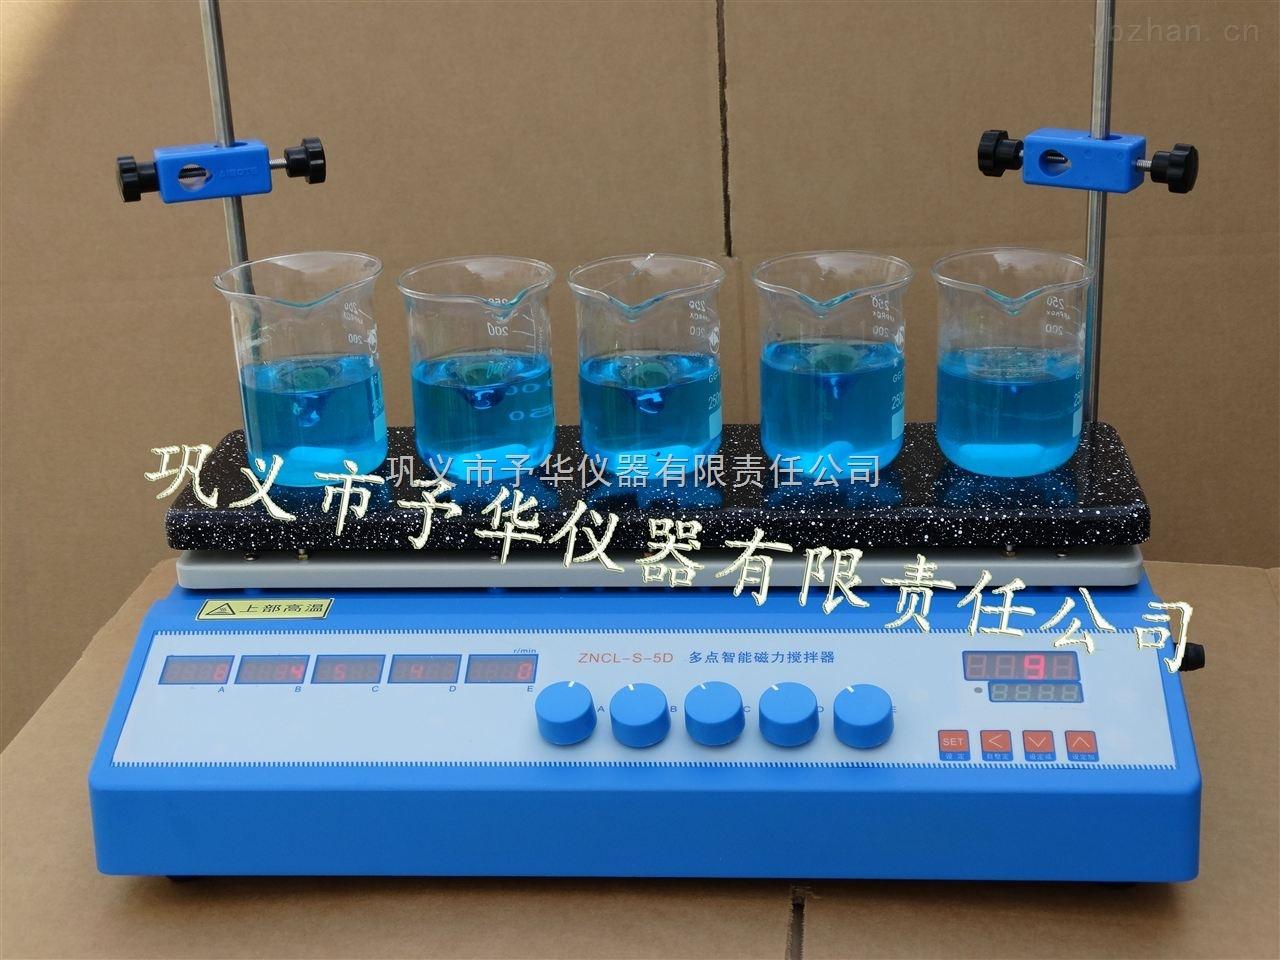 ZNCL-D-智能恒温多点磁力搅拌器予华仪器厂家直销